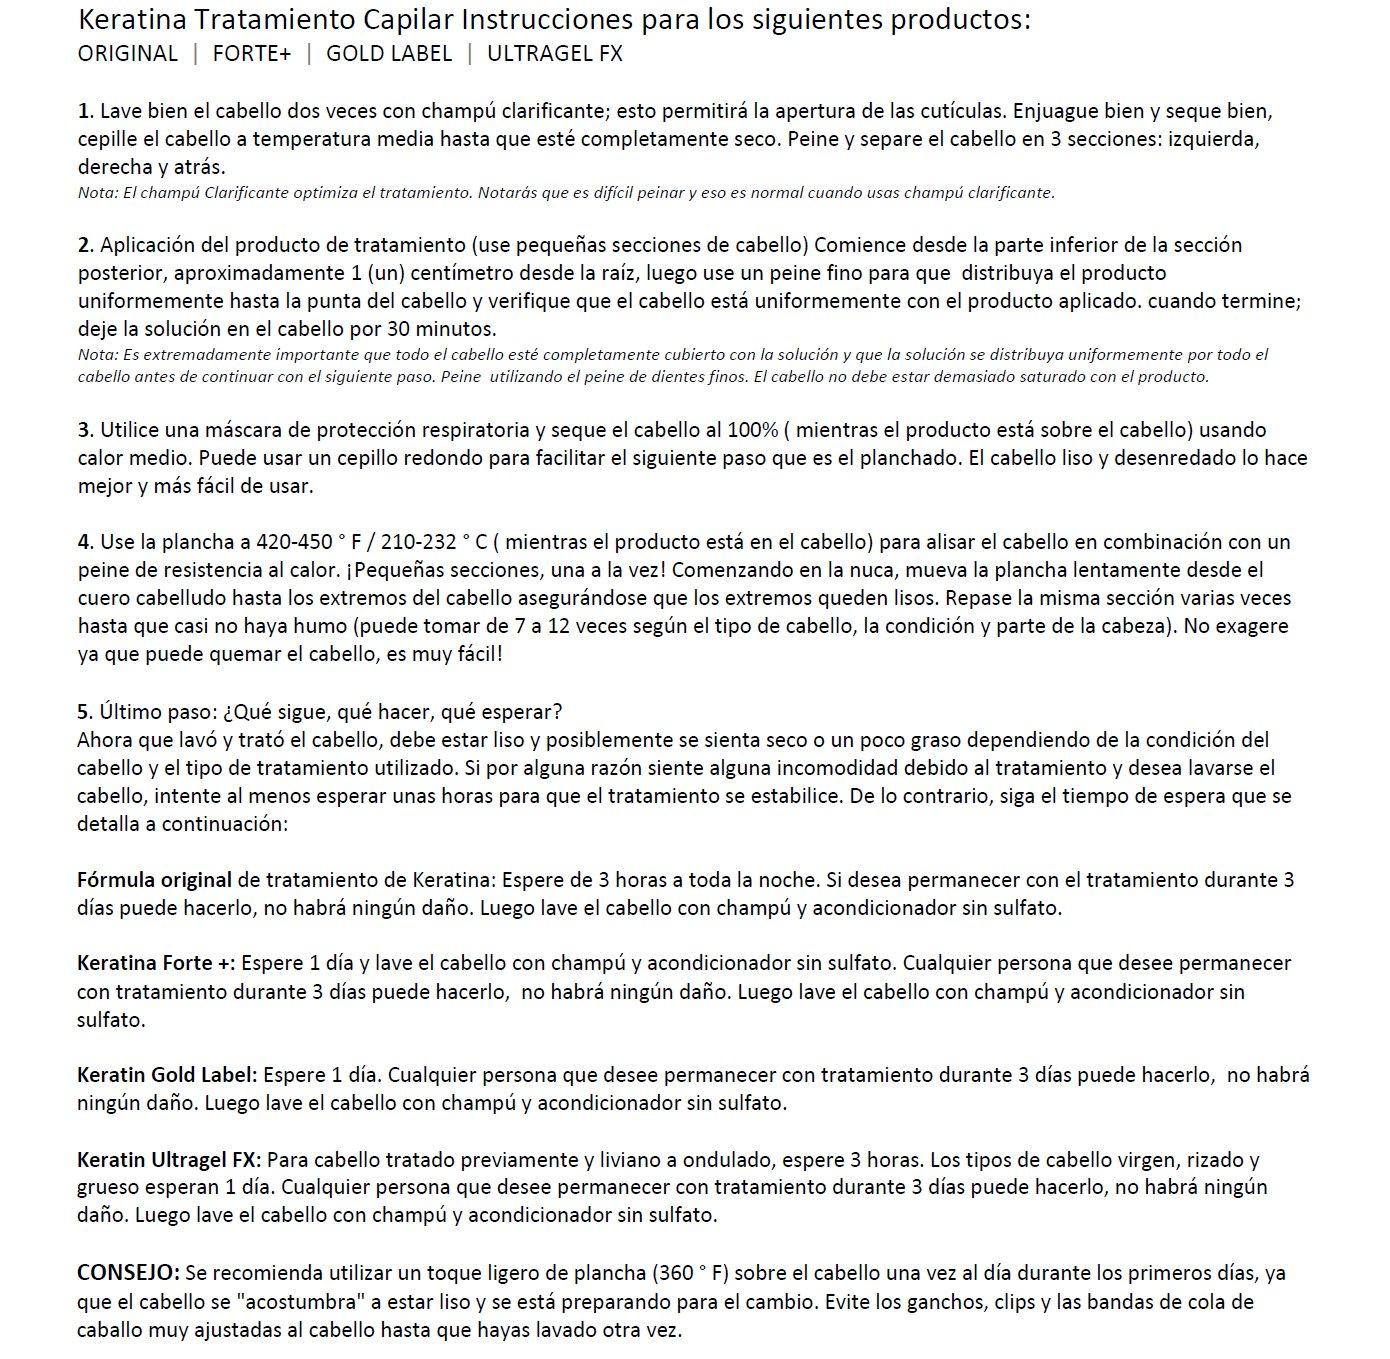 Amazon.com : Tratamiento de Keratina Brasilera Profesional. Alisa y Suaviza el Cabello. Set de 4 Botellas por 300 ml kit que incluye Champú y Acondicionador ...